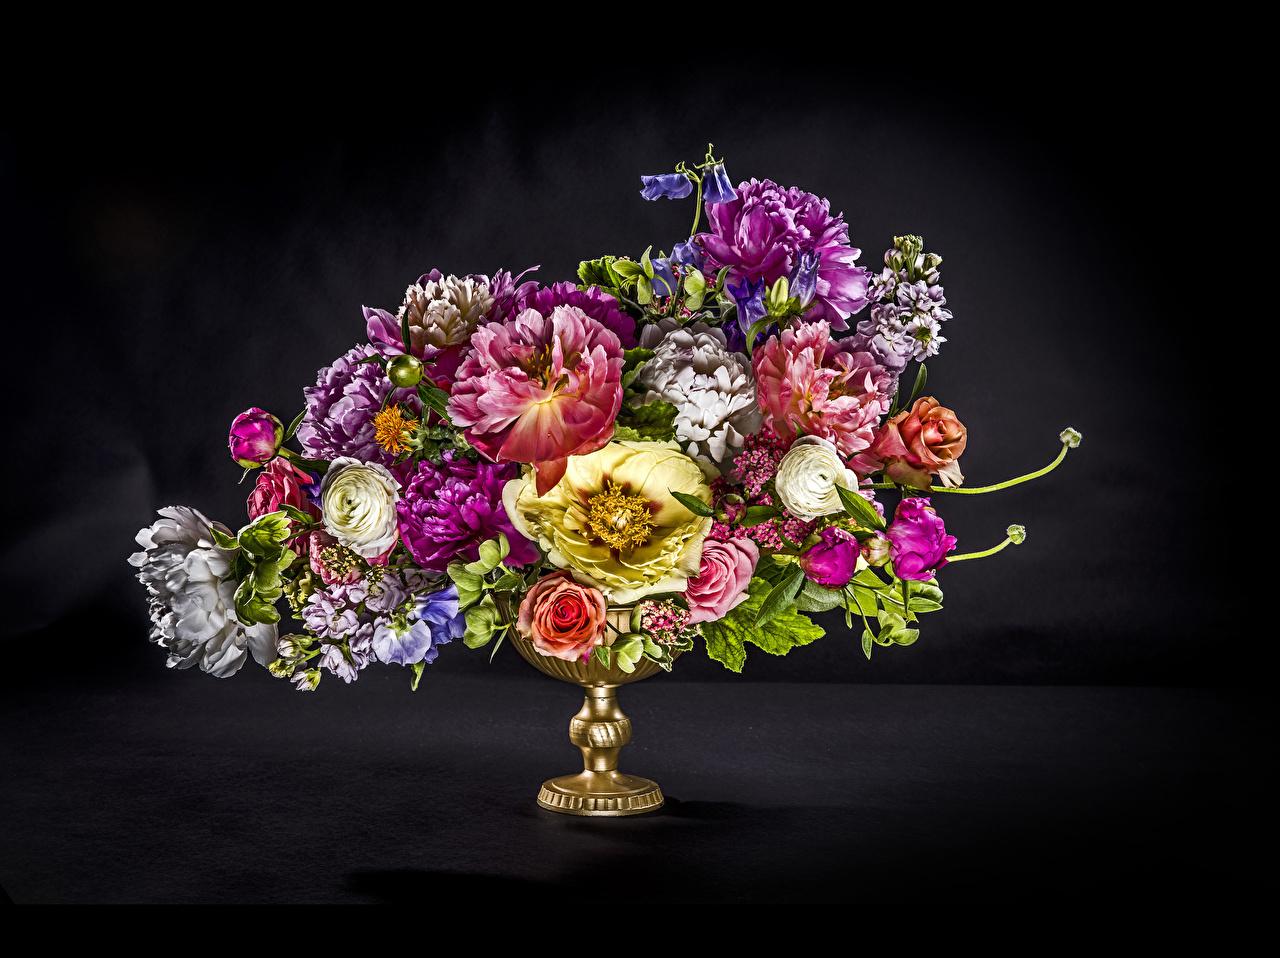 Картинки букет пион Цветы Лютик вазе Черный фон Букеты Пионы цветок вазы Ваза на черном фоне